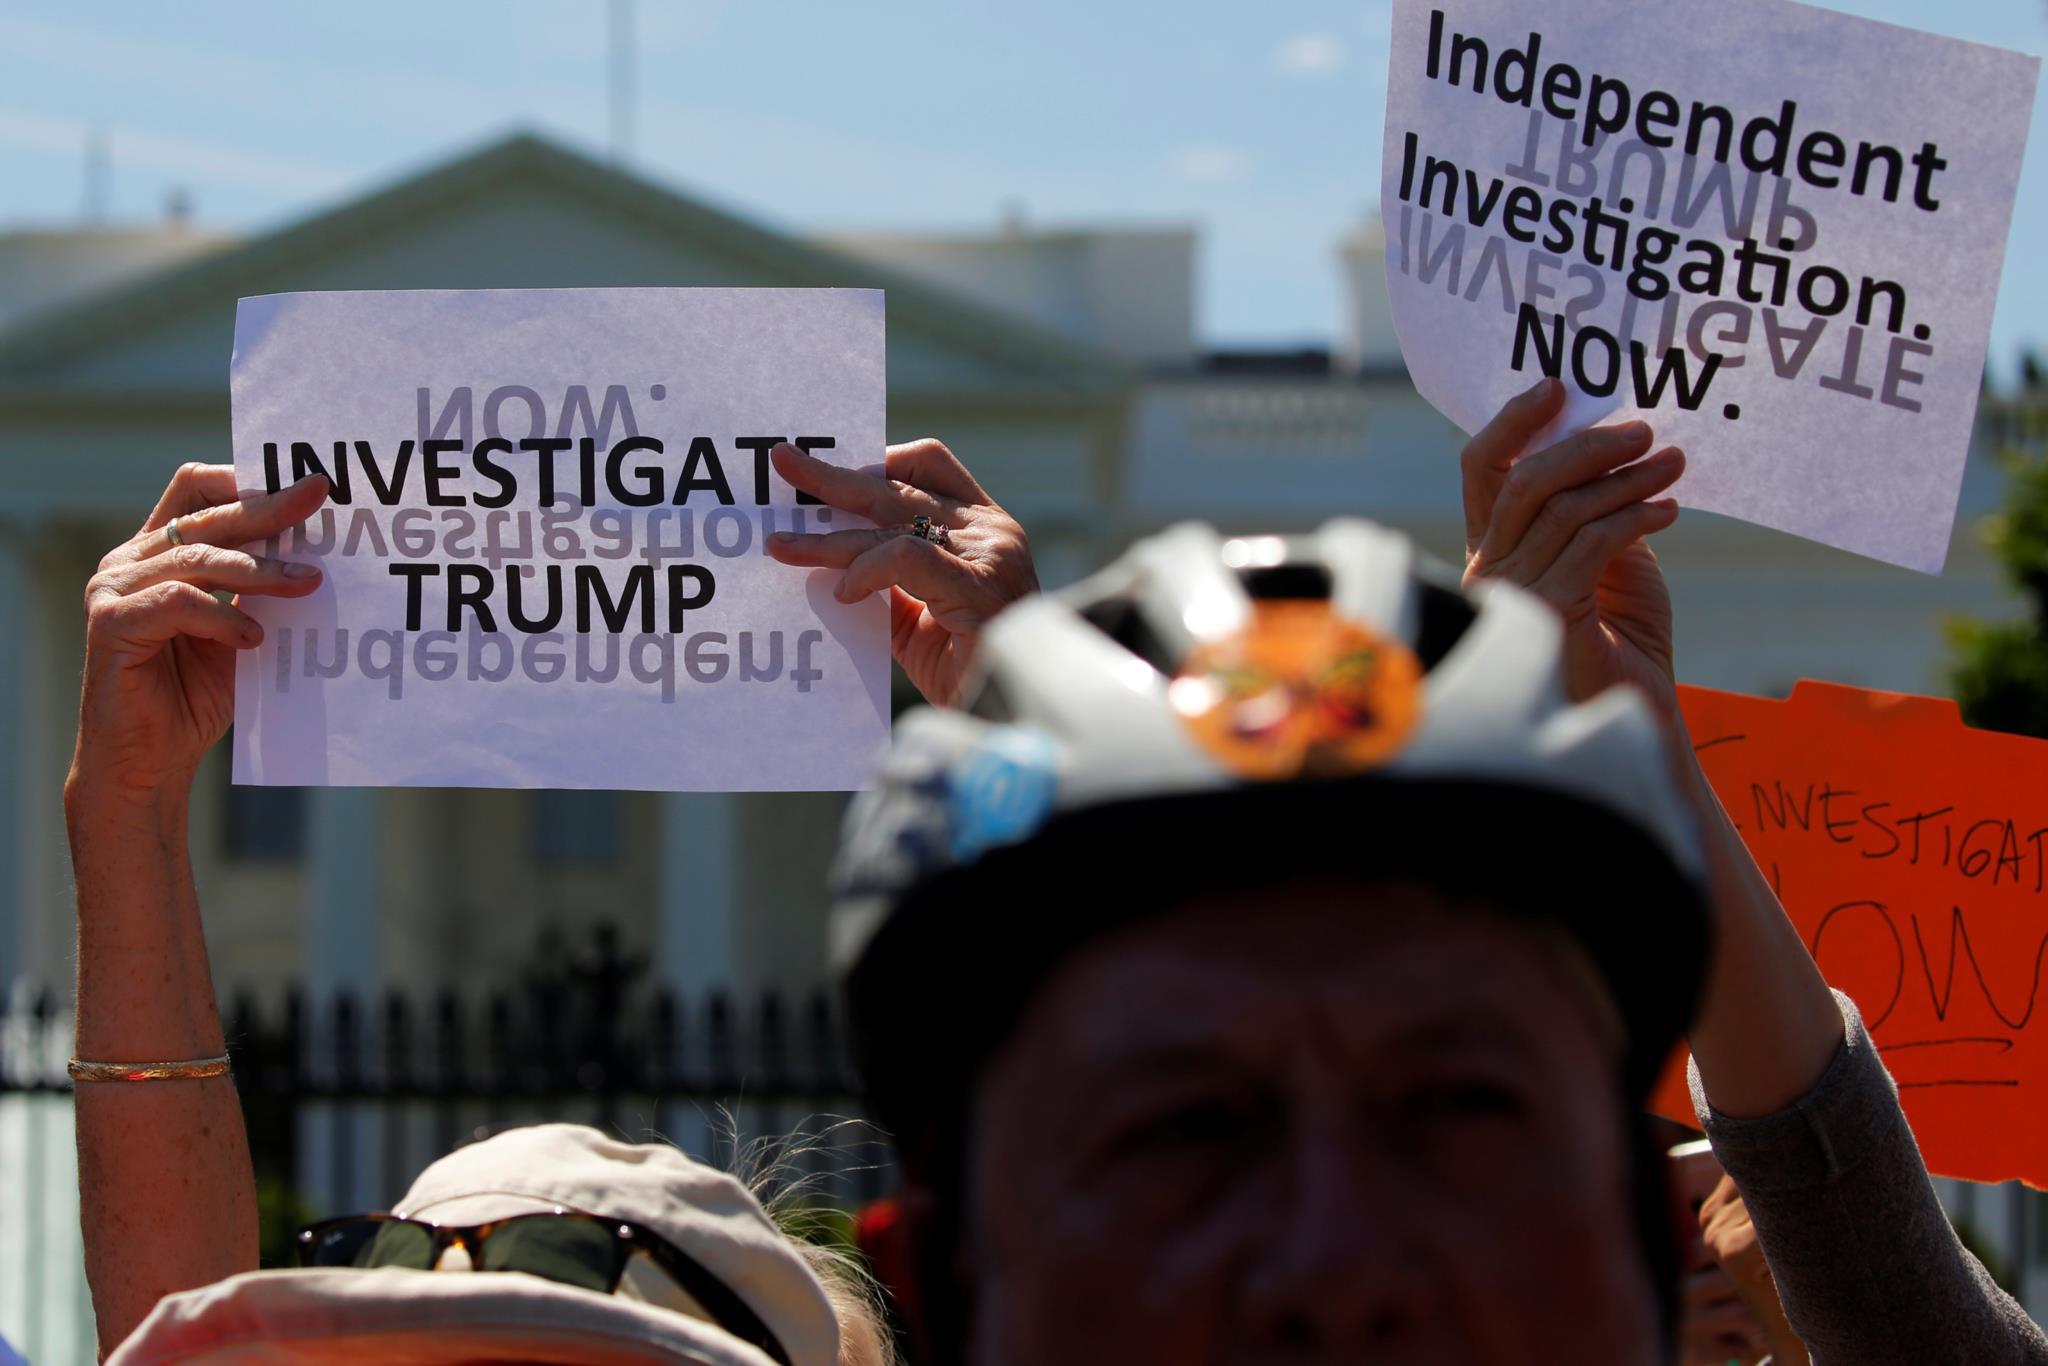 Investigações às ligações de Trump à Rússia aceleraram nos últimos dias